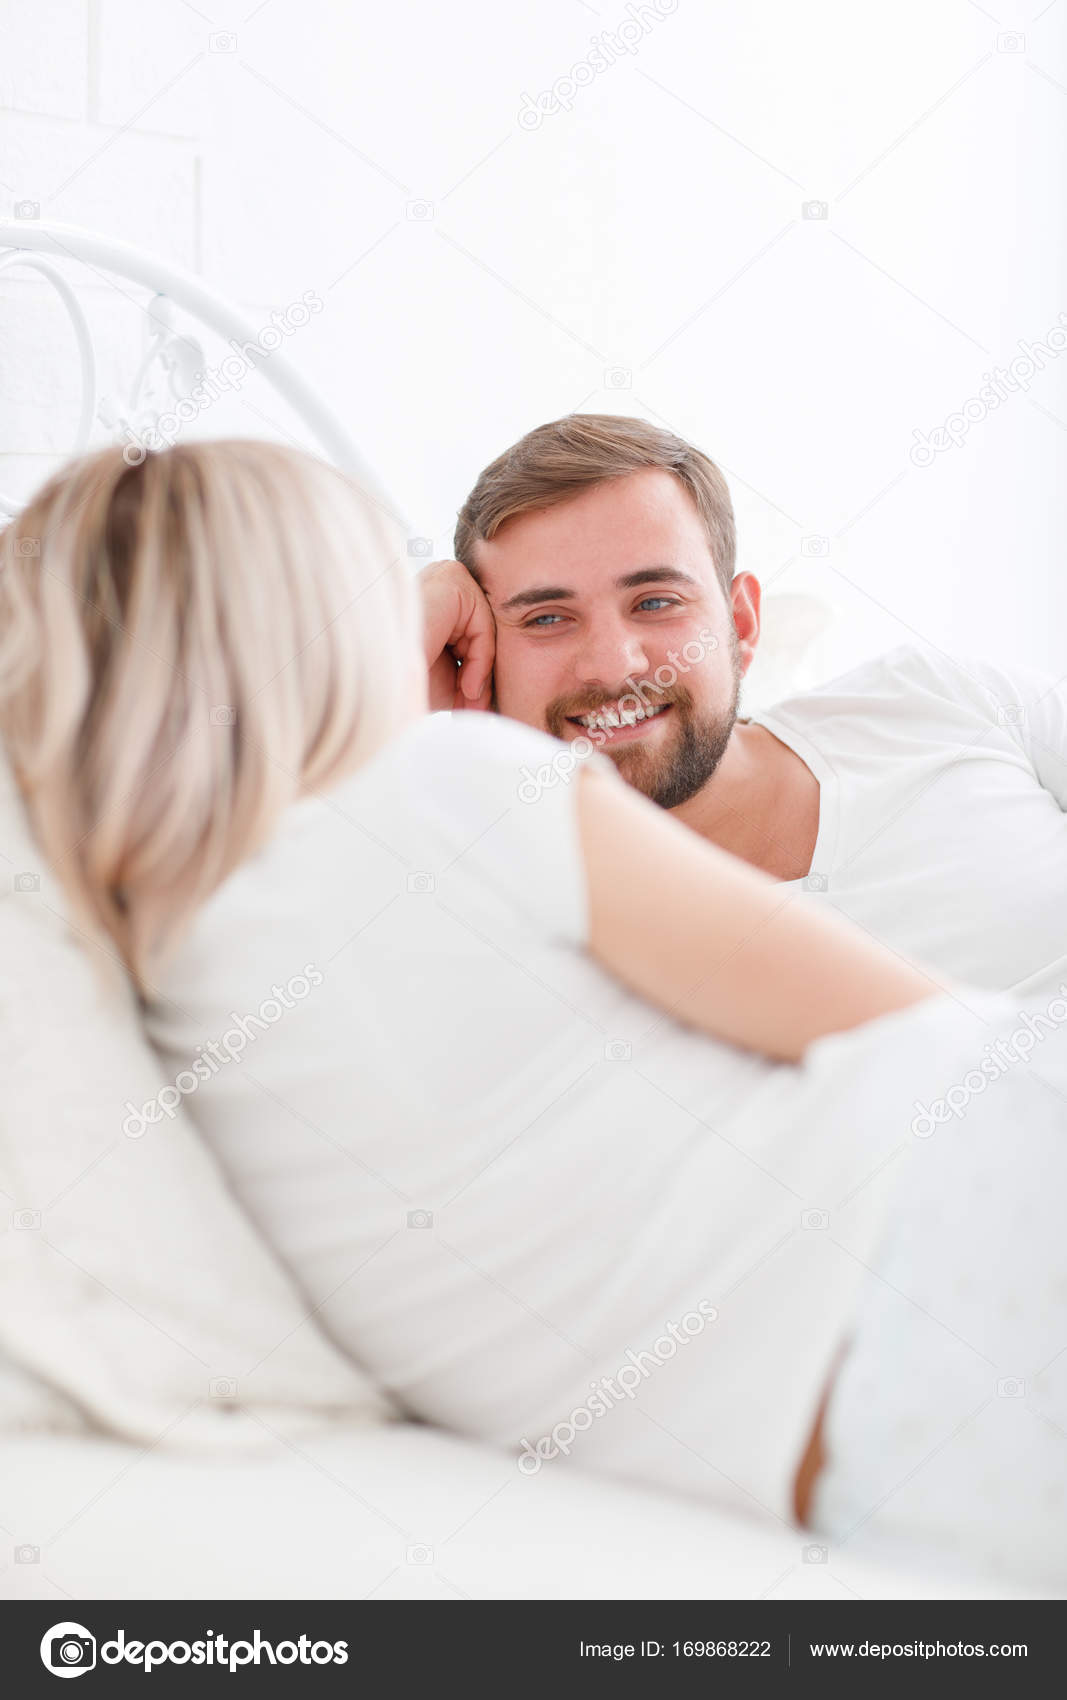 ραντεβού μετά το διαζύγιο στα 30